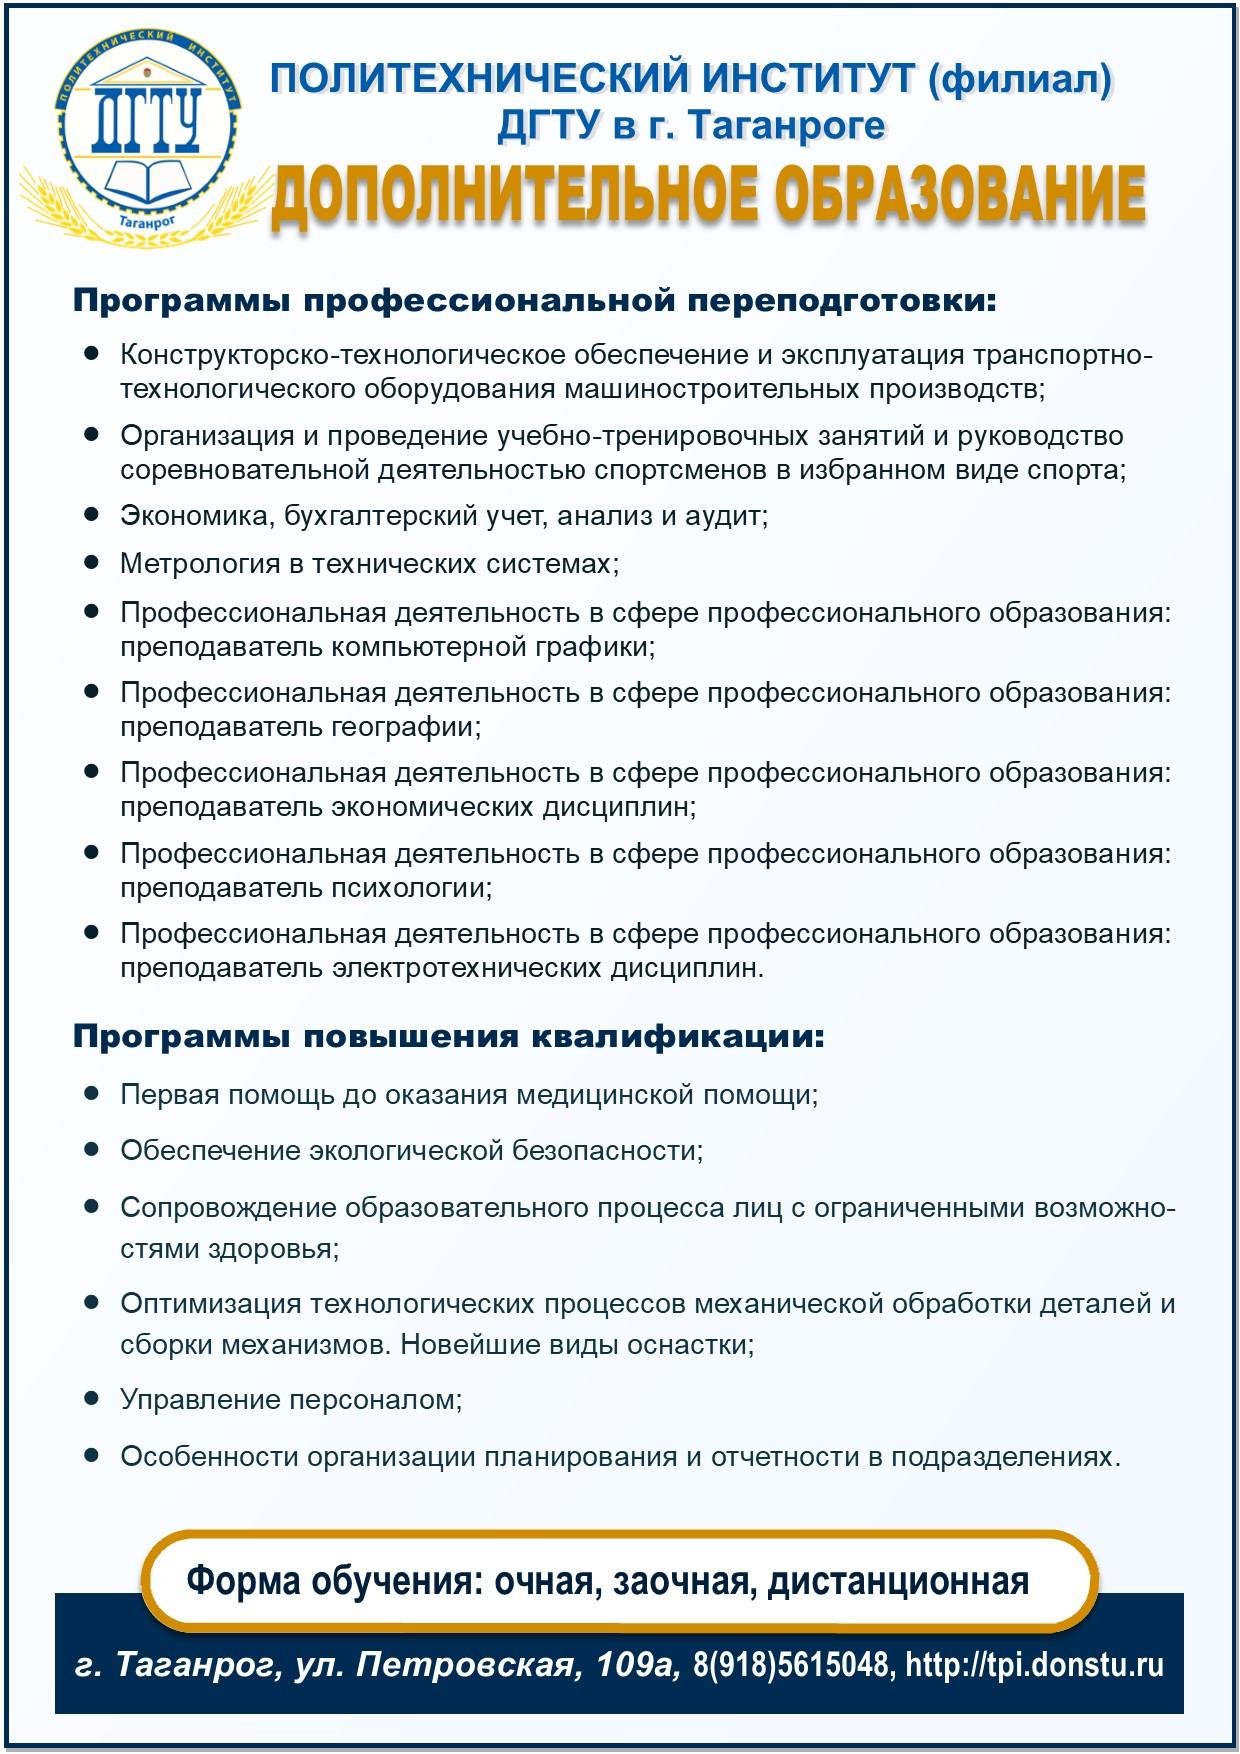 Дополнительное профобразование. Политехнический институт ДГТУ в г. Таганроге